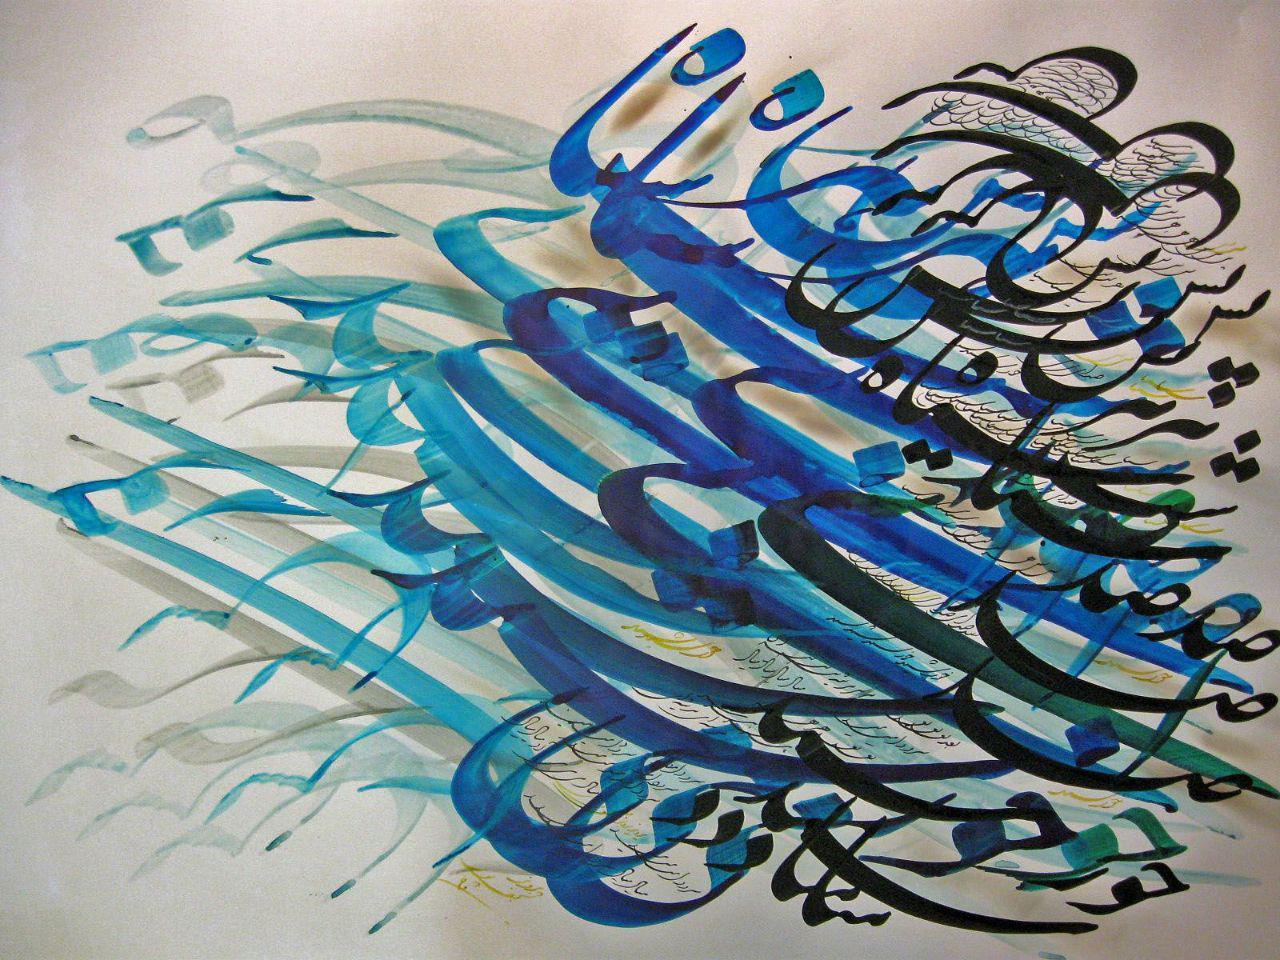 نقاشی خط اثر استاد نجف پور